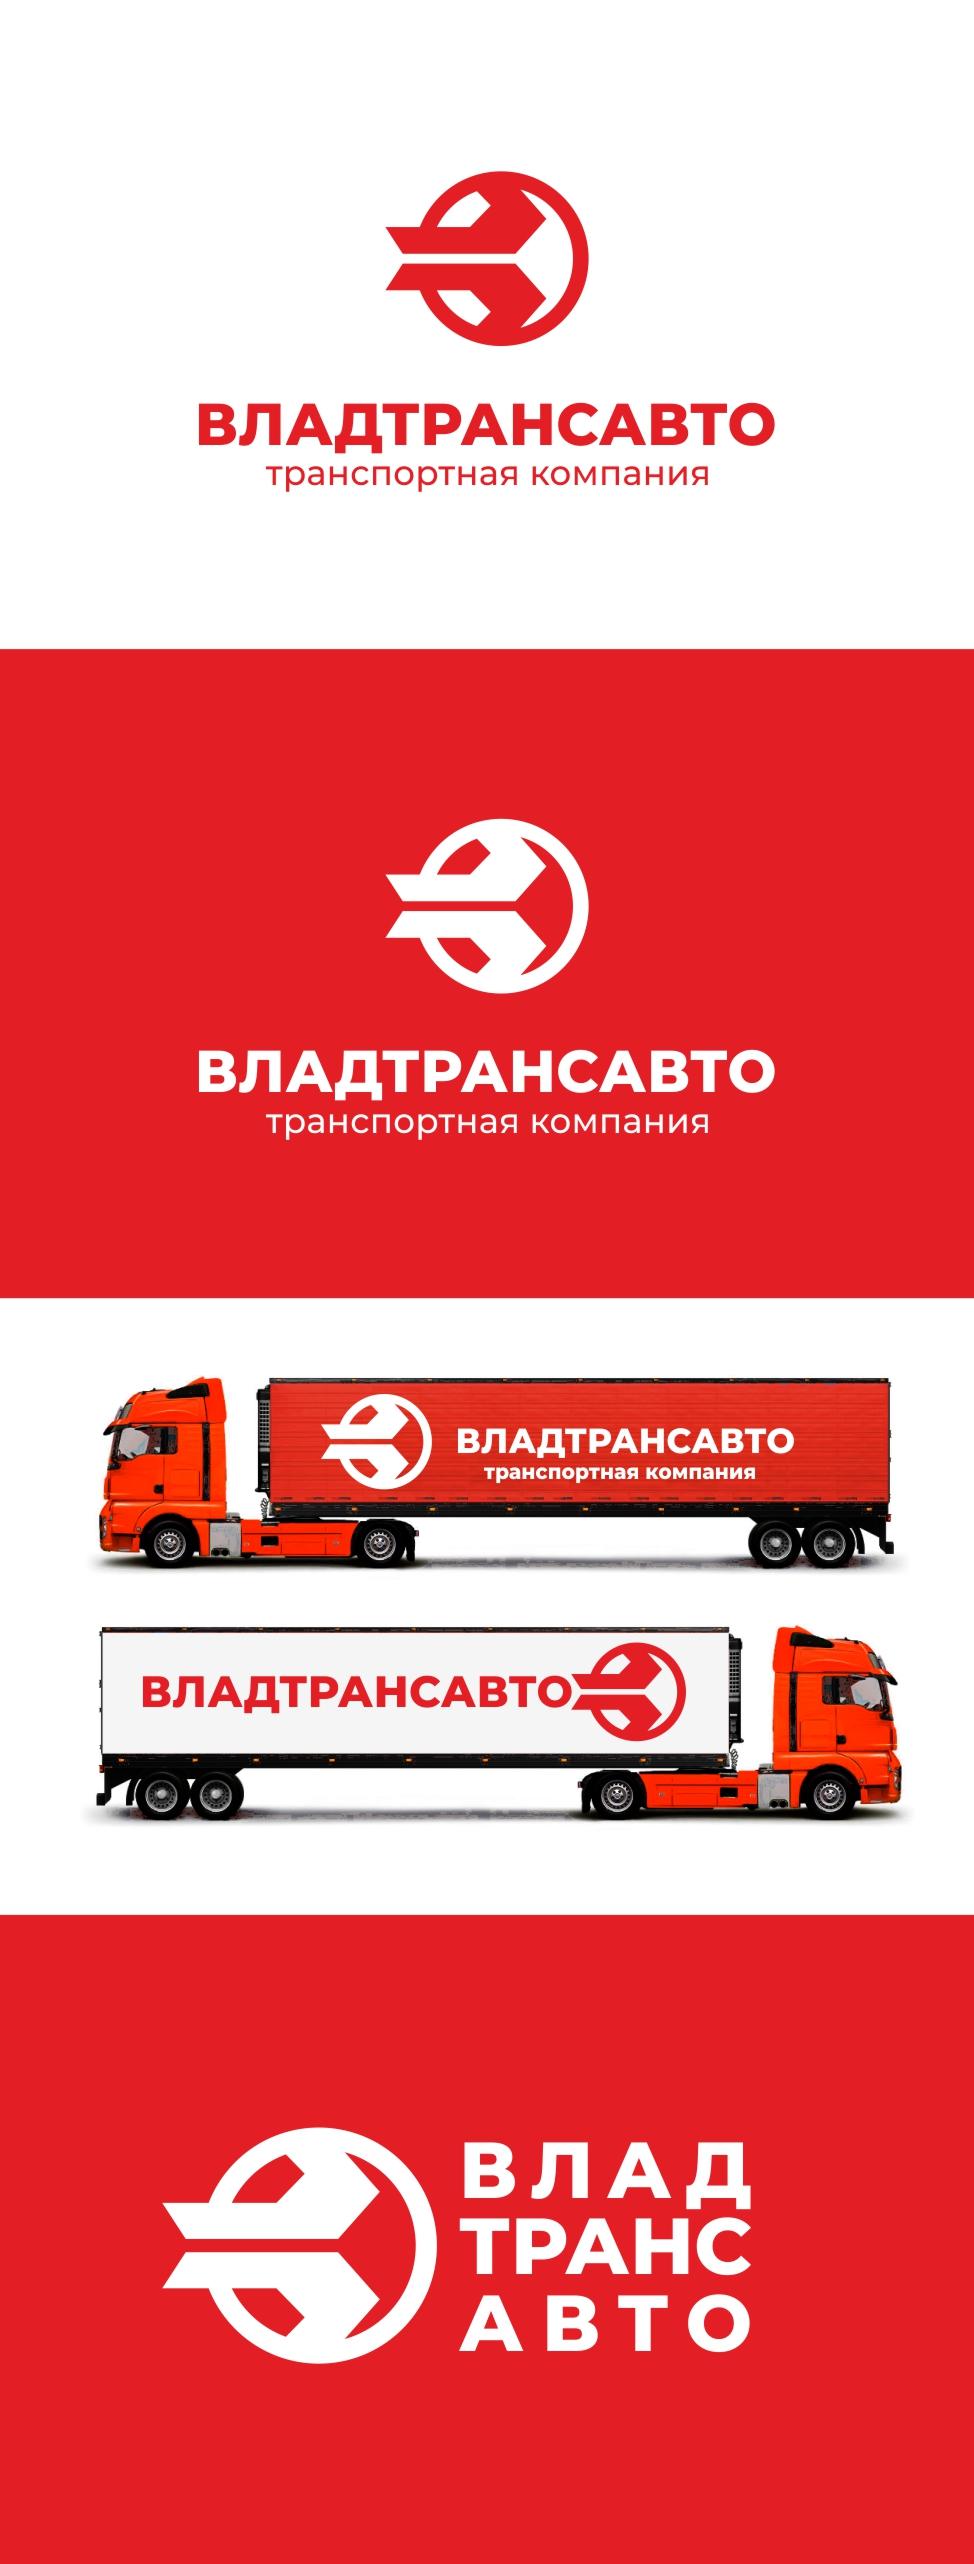 Логотип и фирменный стиль для транспортной компании Владтрансавто фото f_8985ce1602968f22.jpg